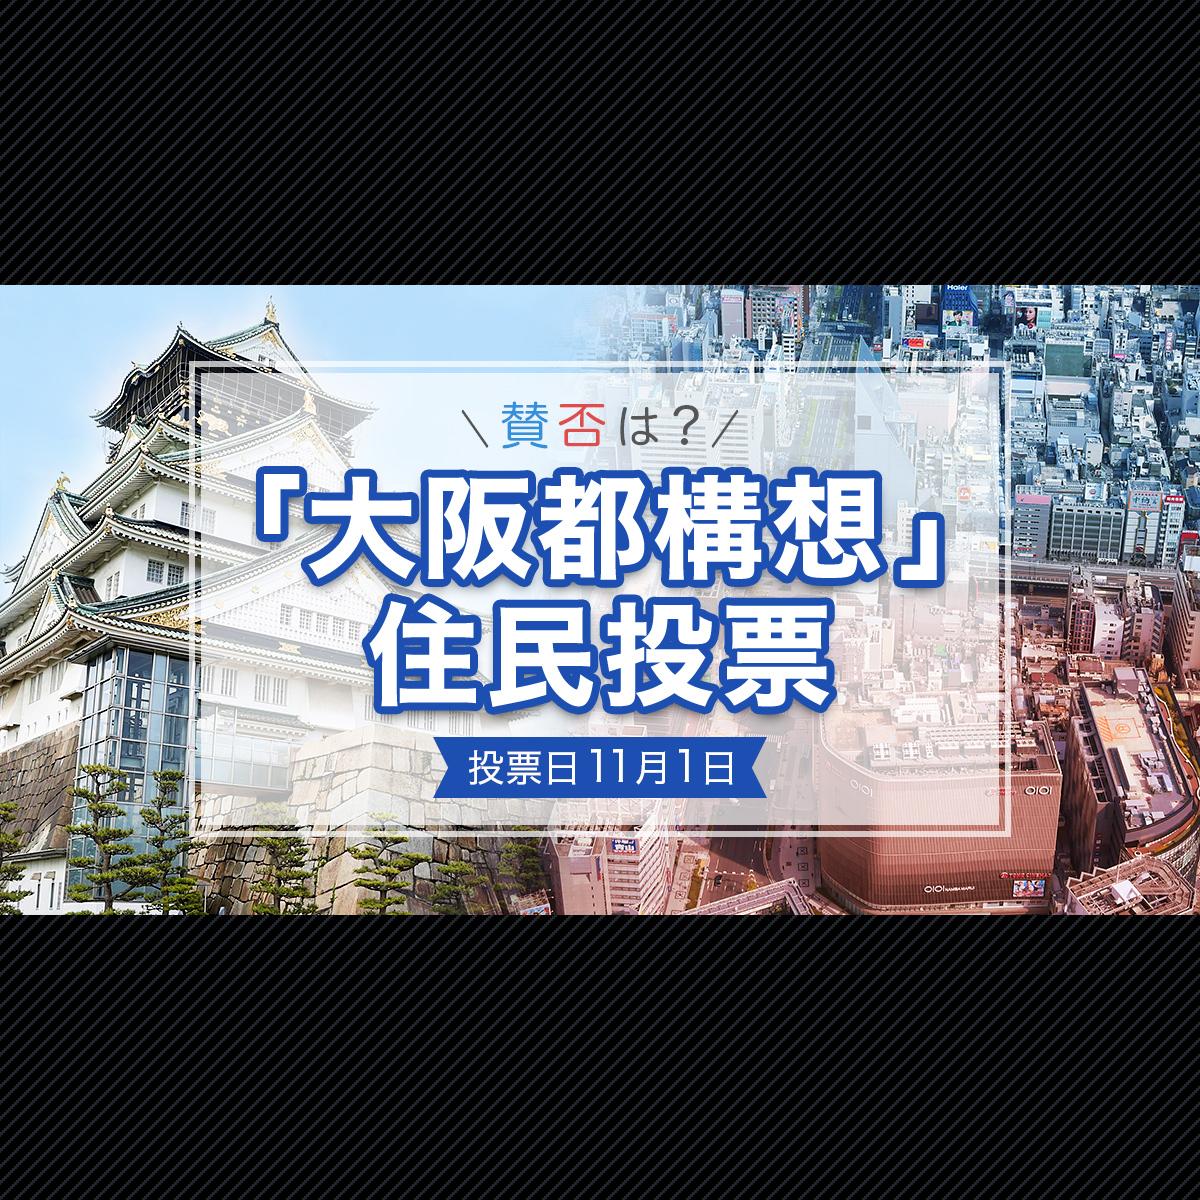 無料テレビで大阪住民投票を視聴する